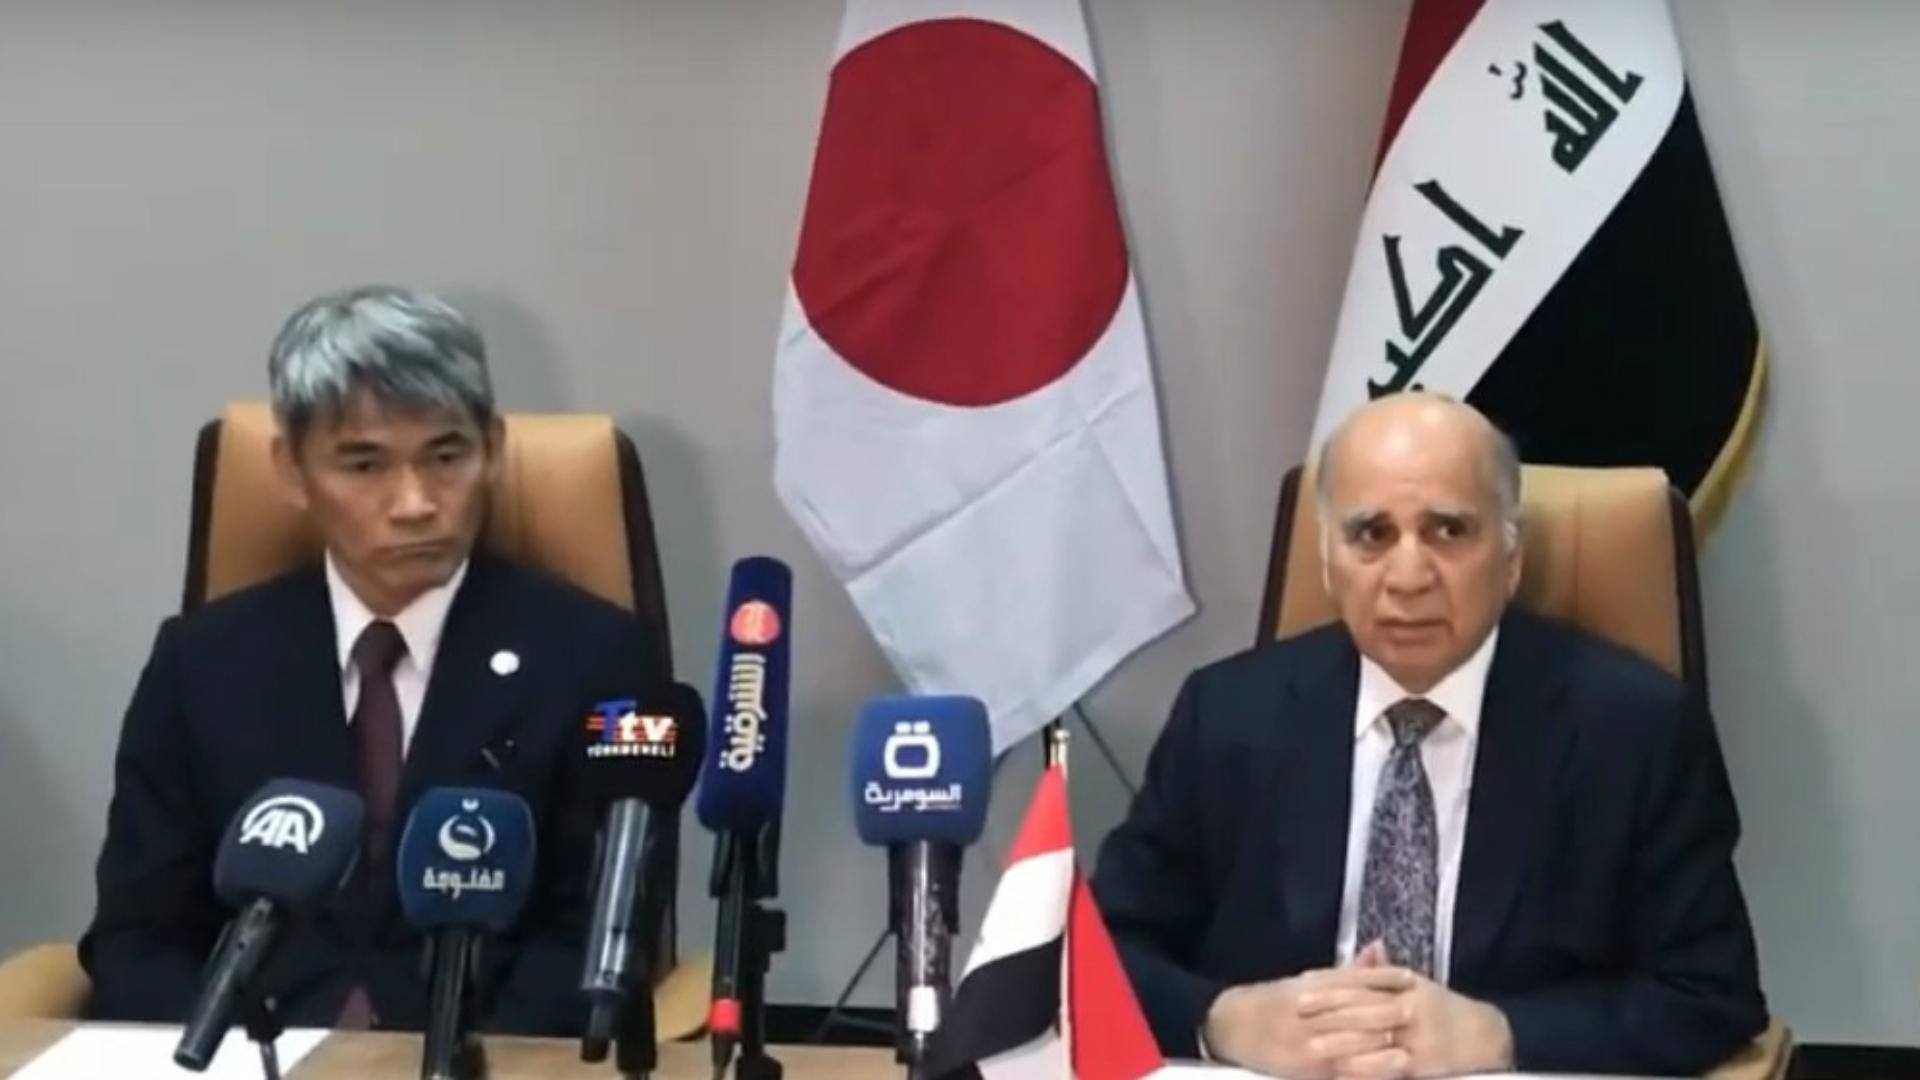 وزير المالية يوقع على قرض ياباني للعراق بقيمة مليار دولار